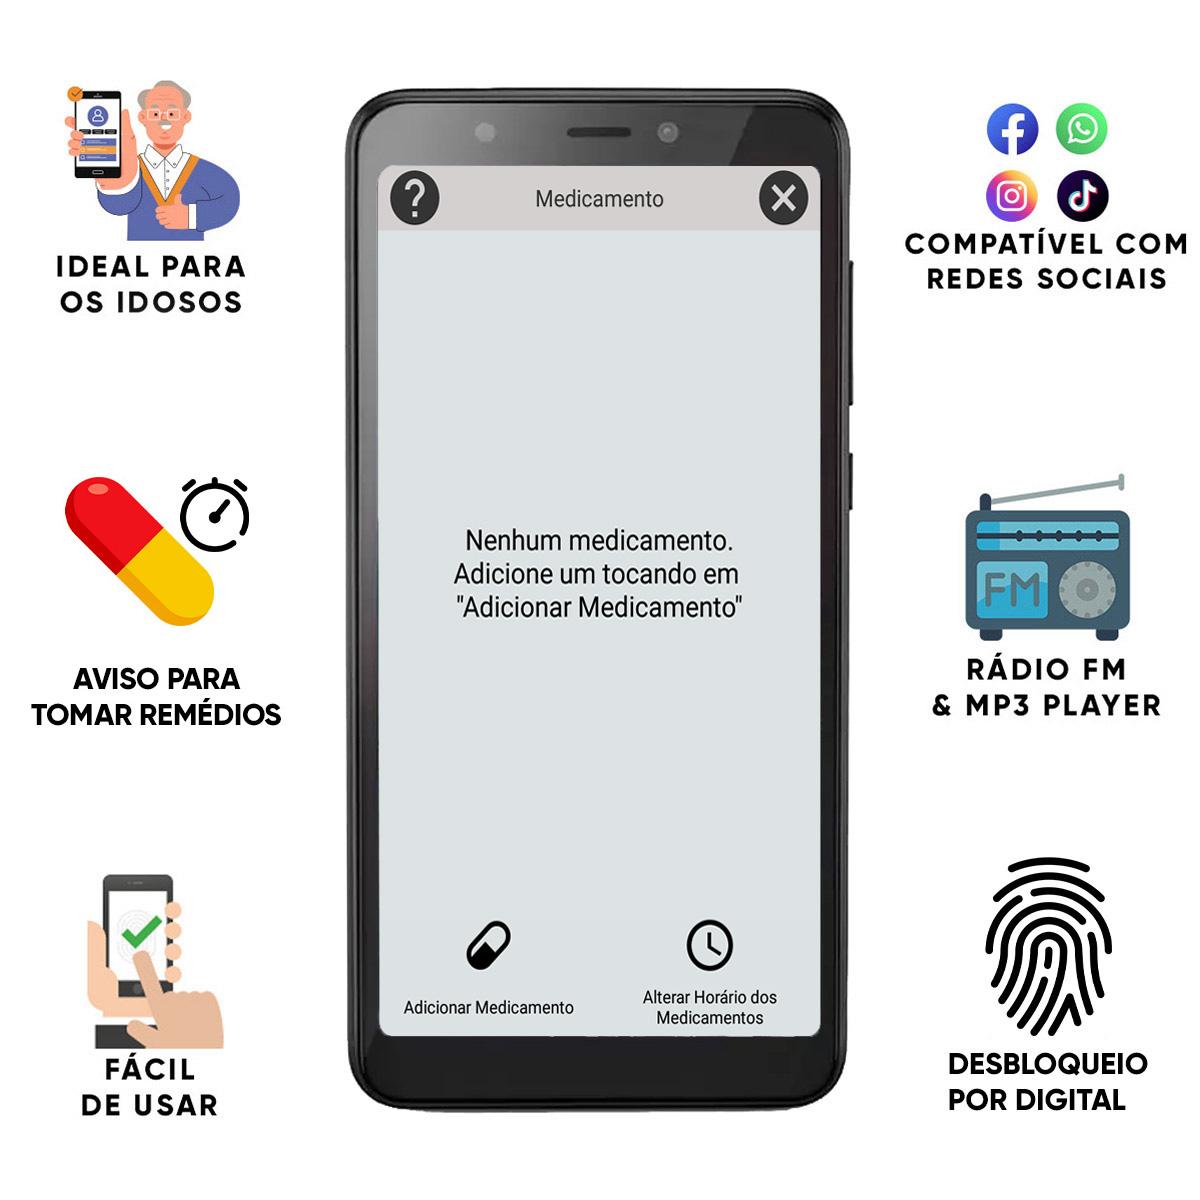 Celular Do Idoso Letras Grandes 16gb Tela 5,5' Sos Biometria